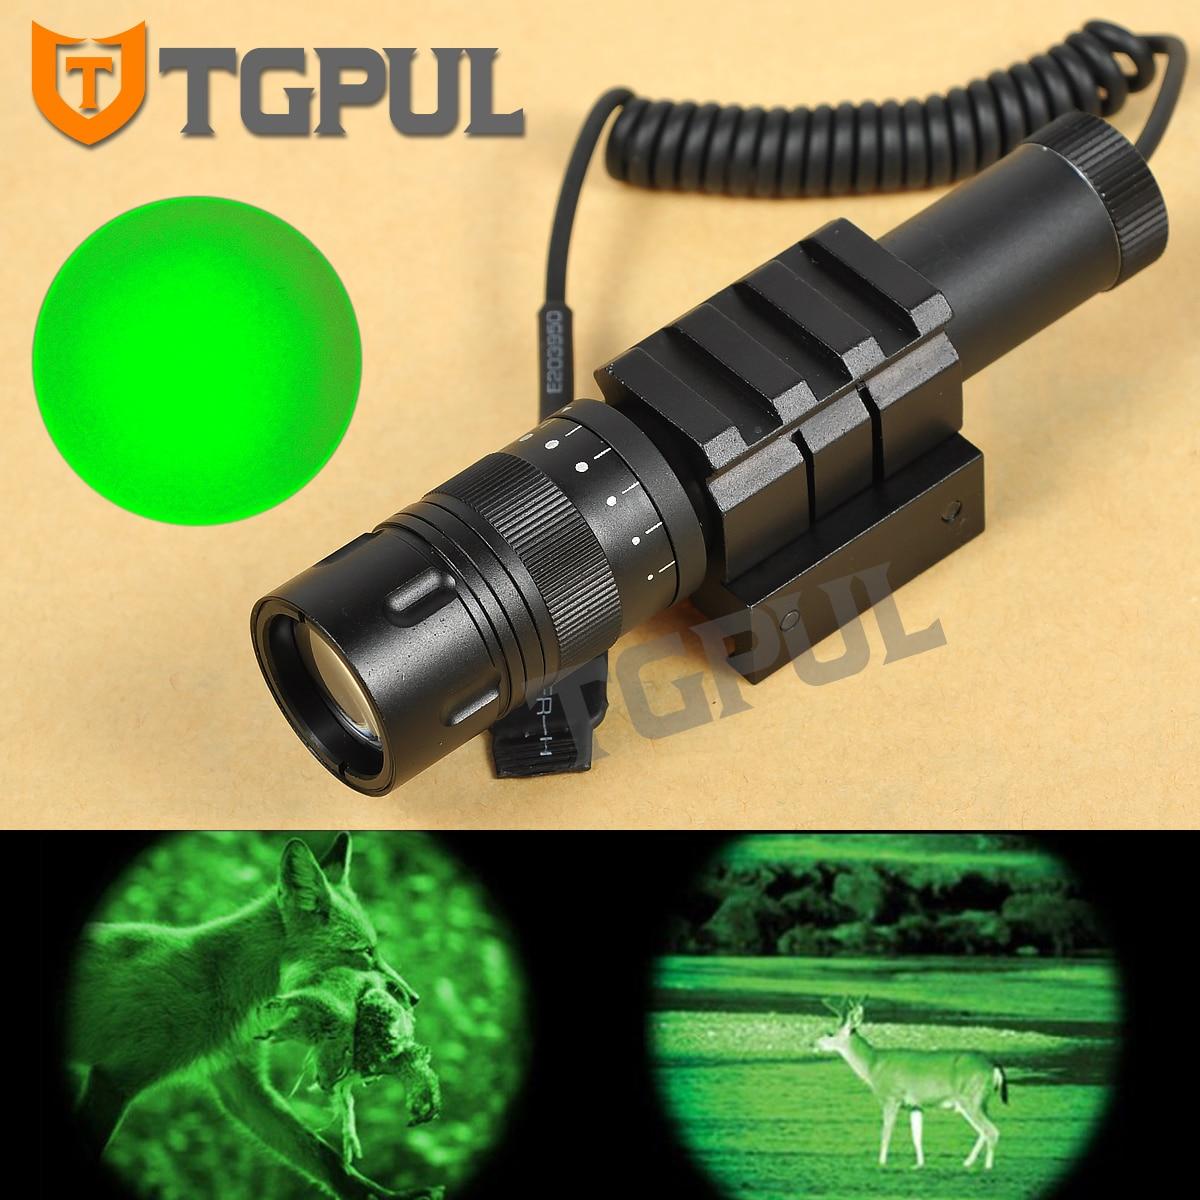 Greenbase Tactique Gun lampe de Poche Combo Portée Vert Laser Arme Légère vision nocturne Chasse pour Fusil Pistolet fit Rail Picatinny